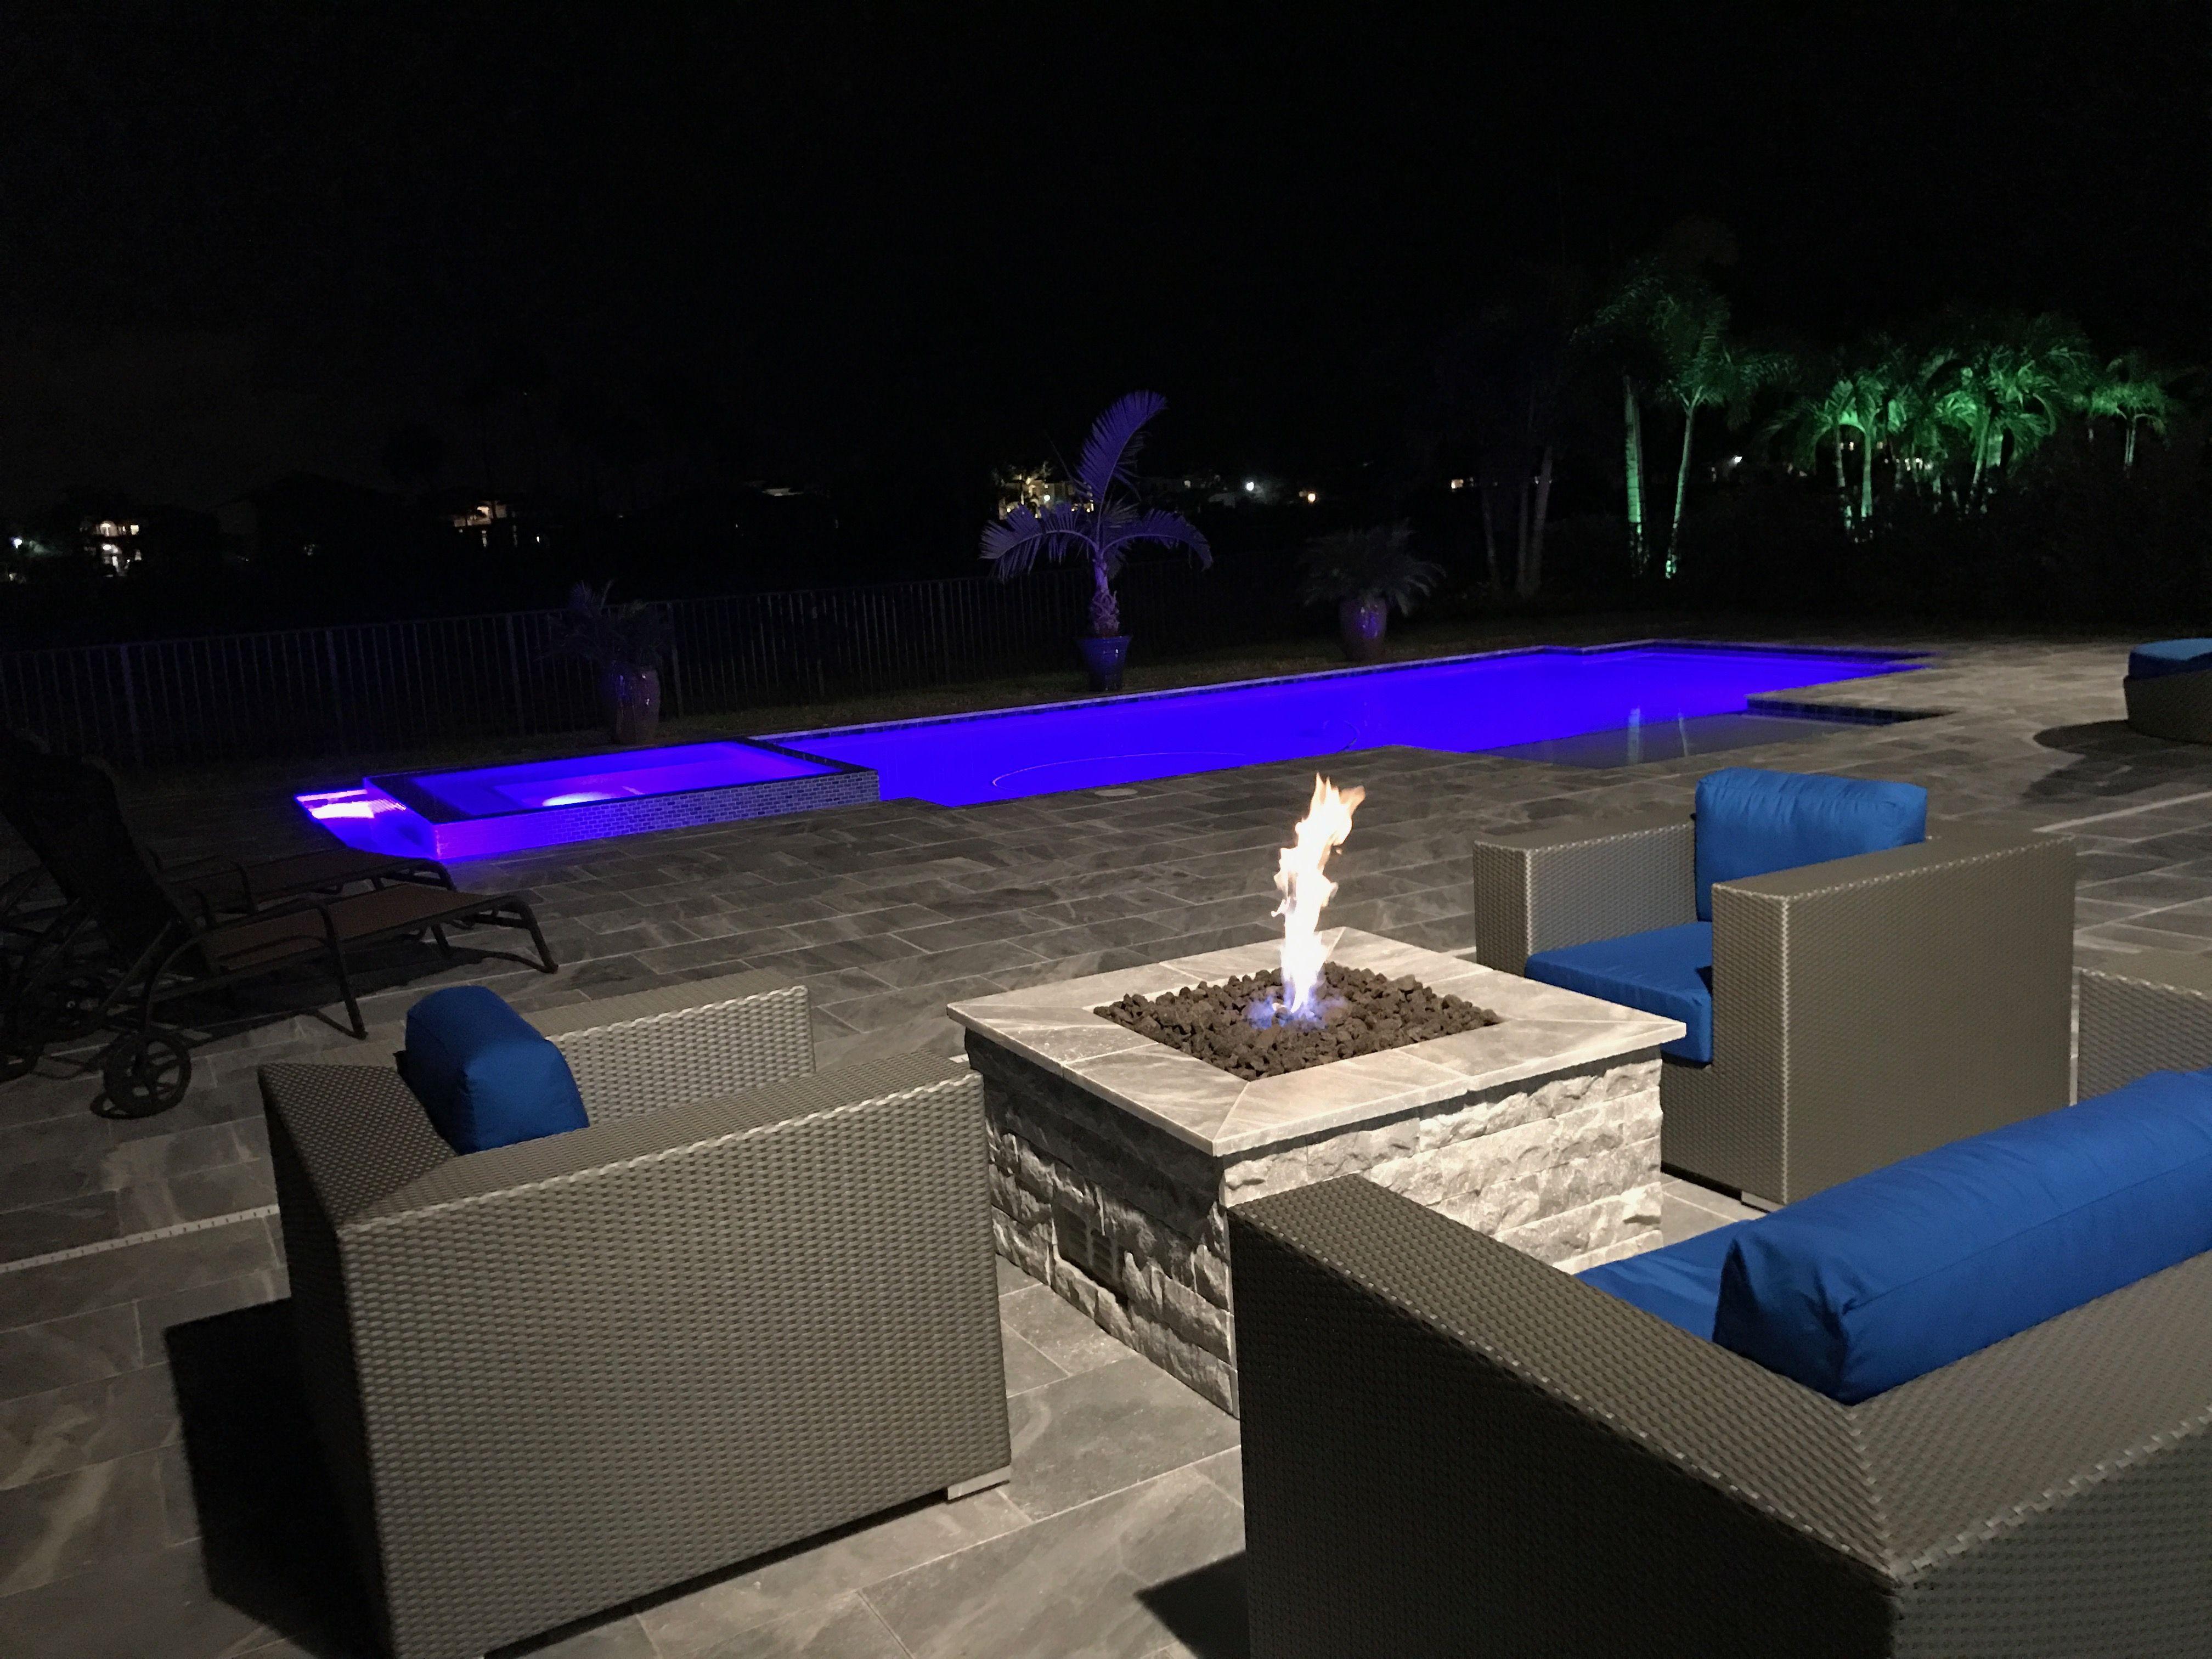 RHR Pools Ice Marble Kannoa Furniture